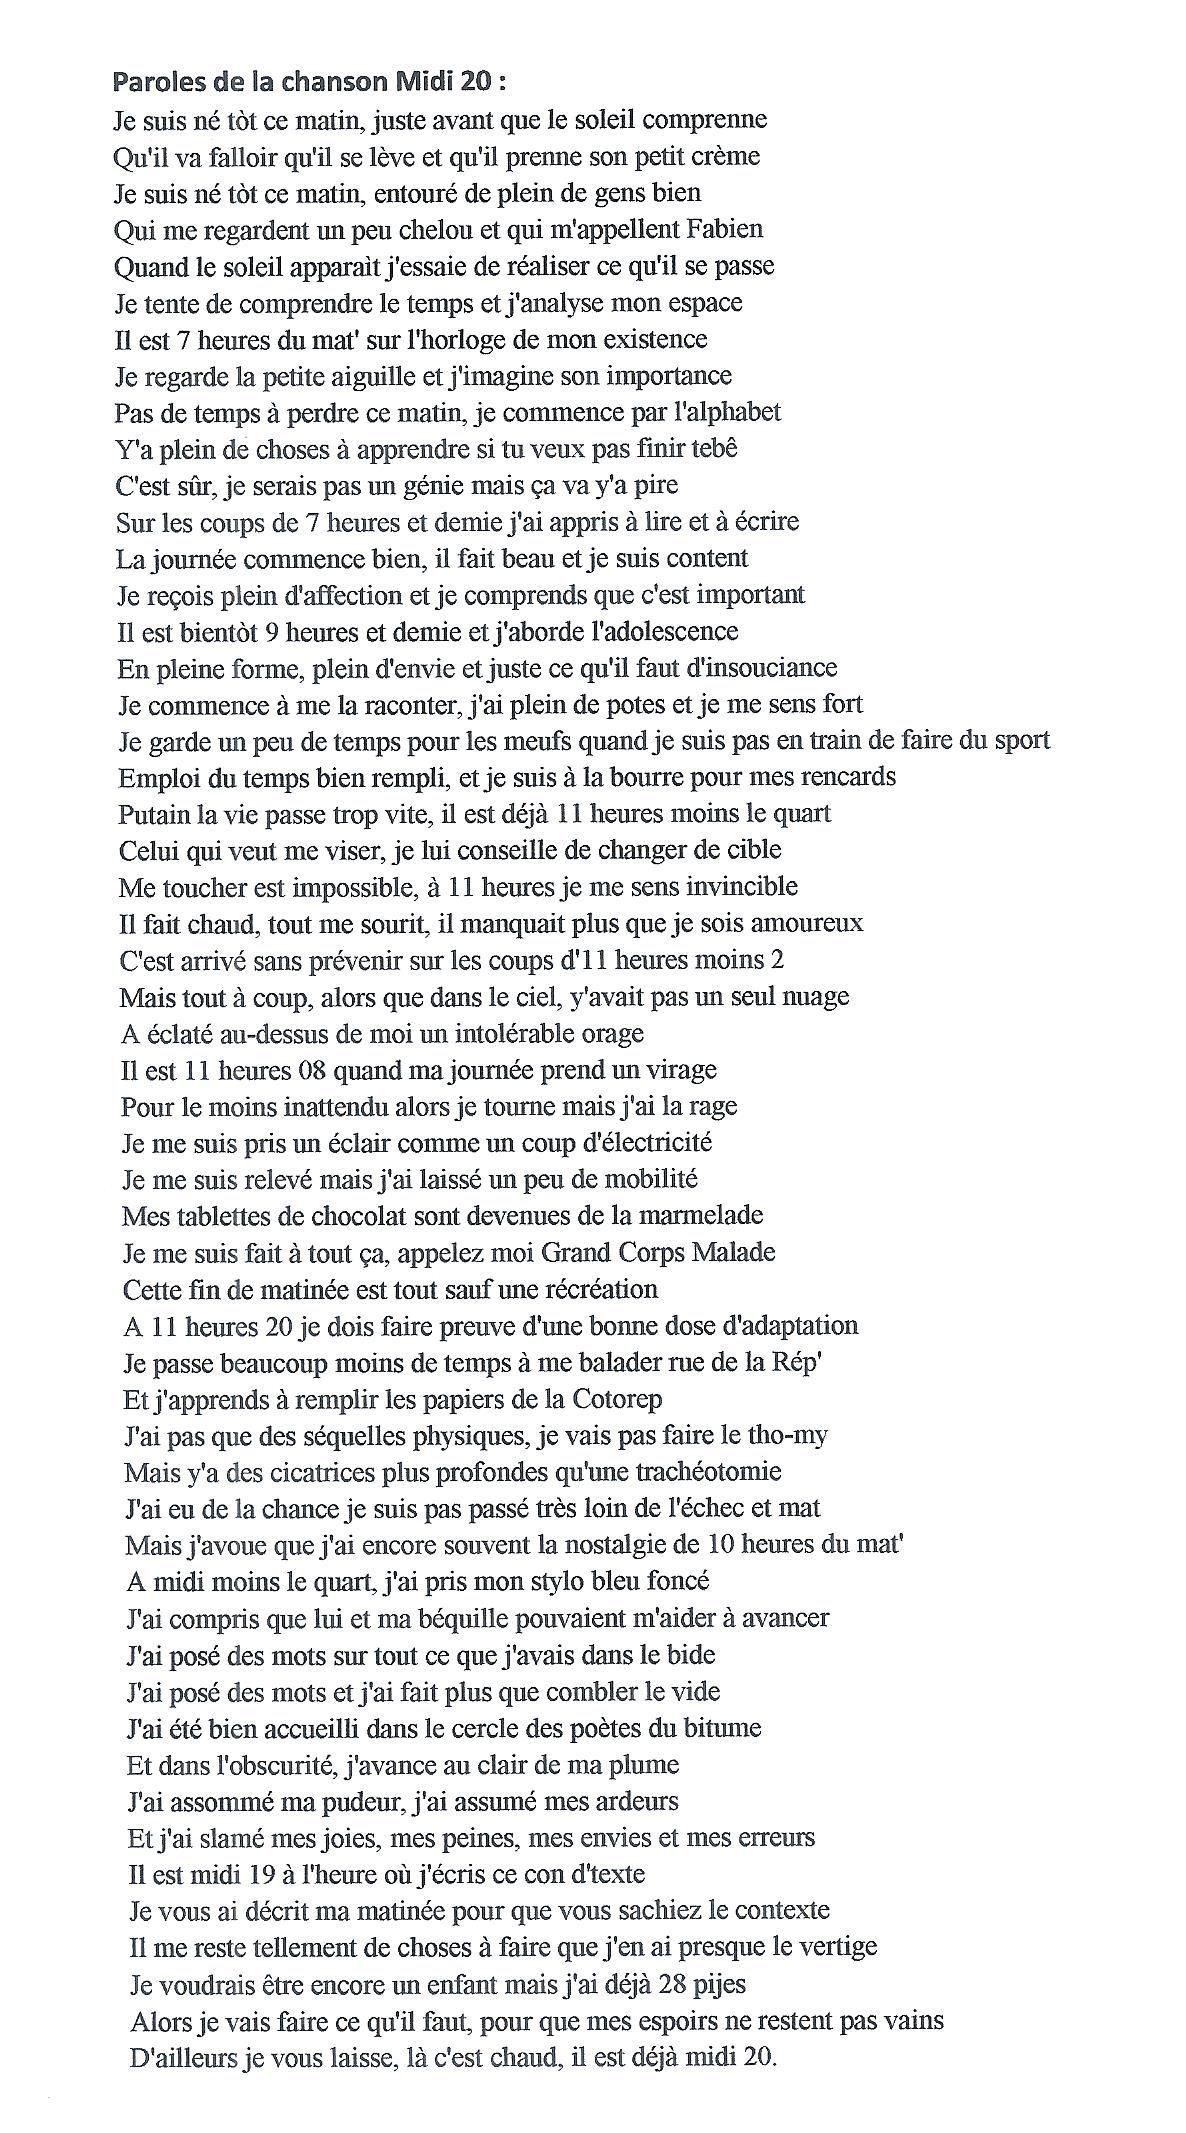 Paroles De Je Suis Malade : paroles, malade, Grand, Corps, Malade, Paroles., Poeme, Citation,, Parole,, Chanson